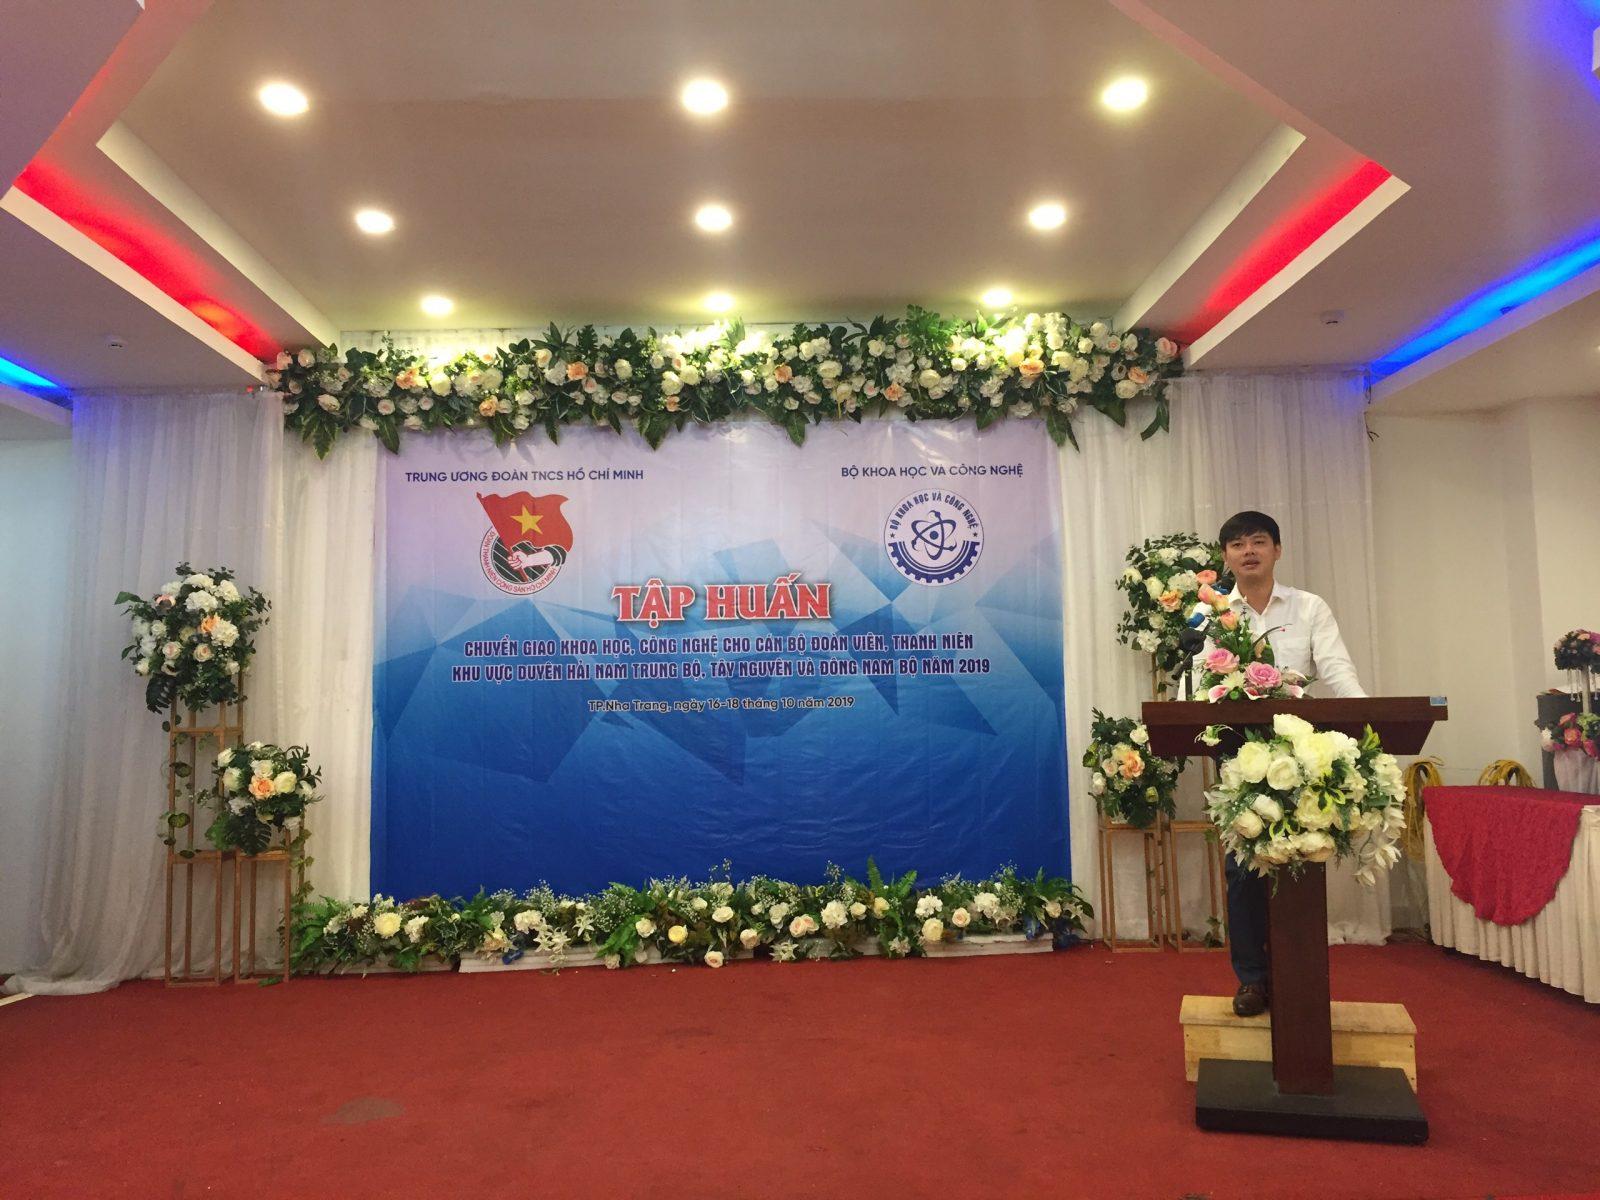 Đồng chí Bùi Hoài Nam – Ủy viên Ban Chấp hành Trung ương Đoàn, Bí thư Tỉnh đoàn Khánh Hòa